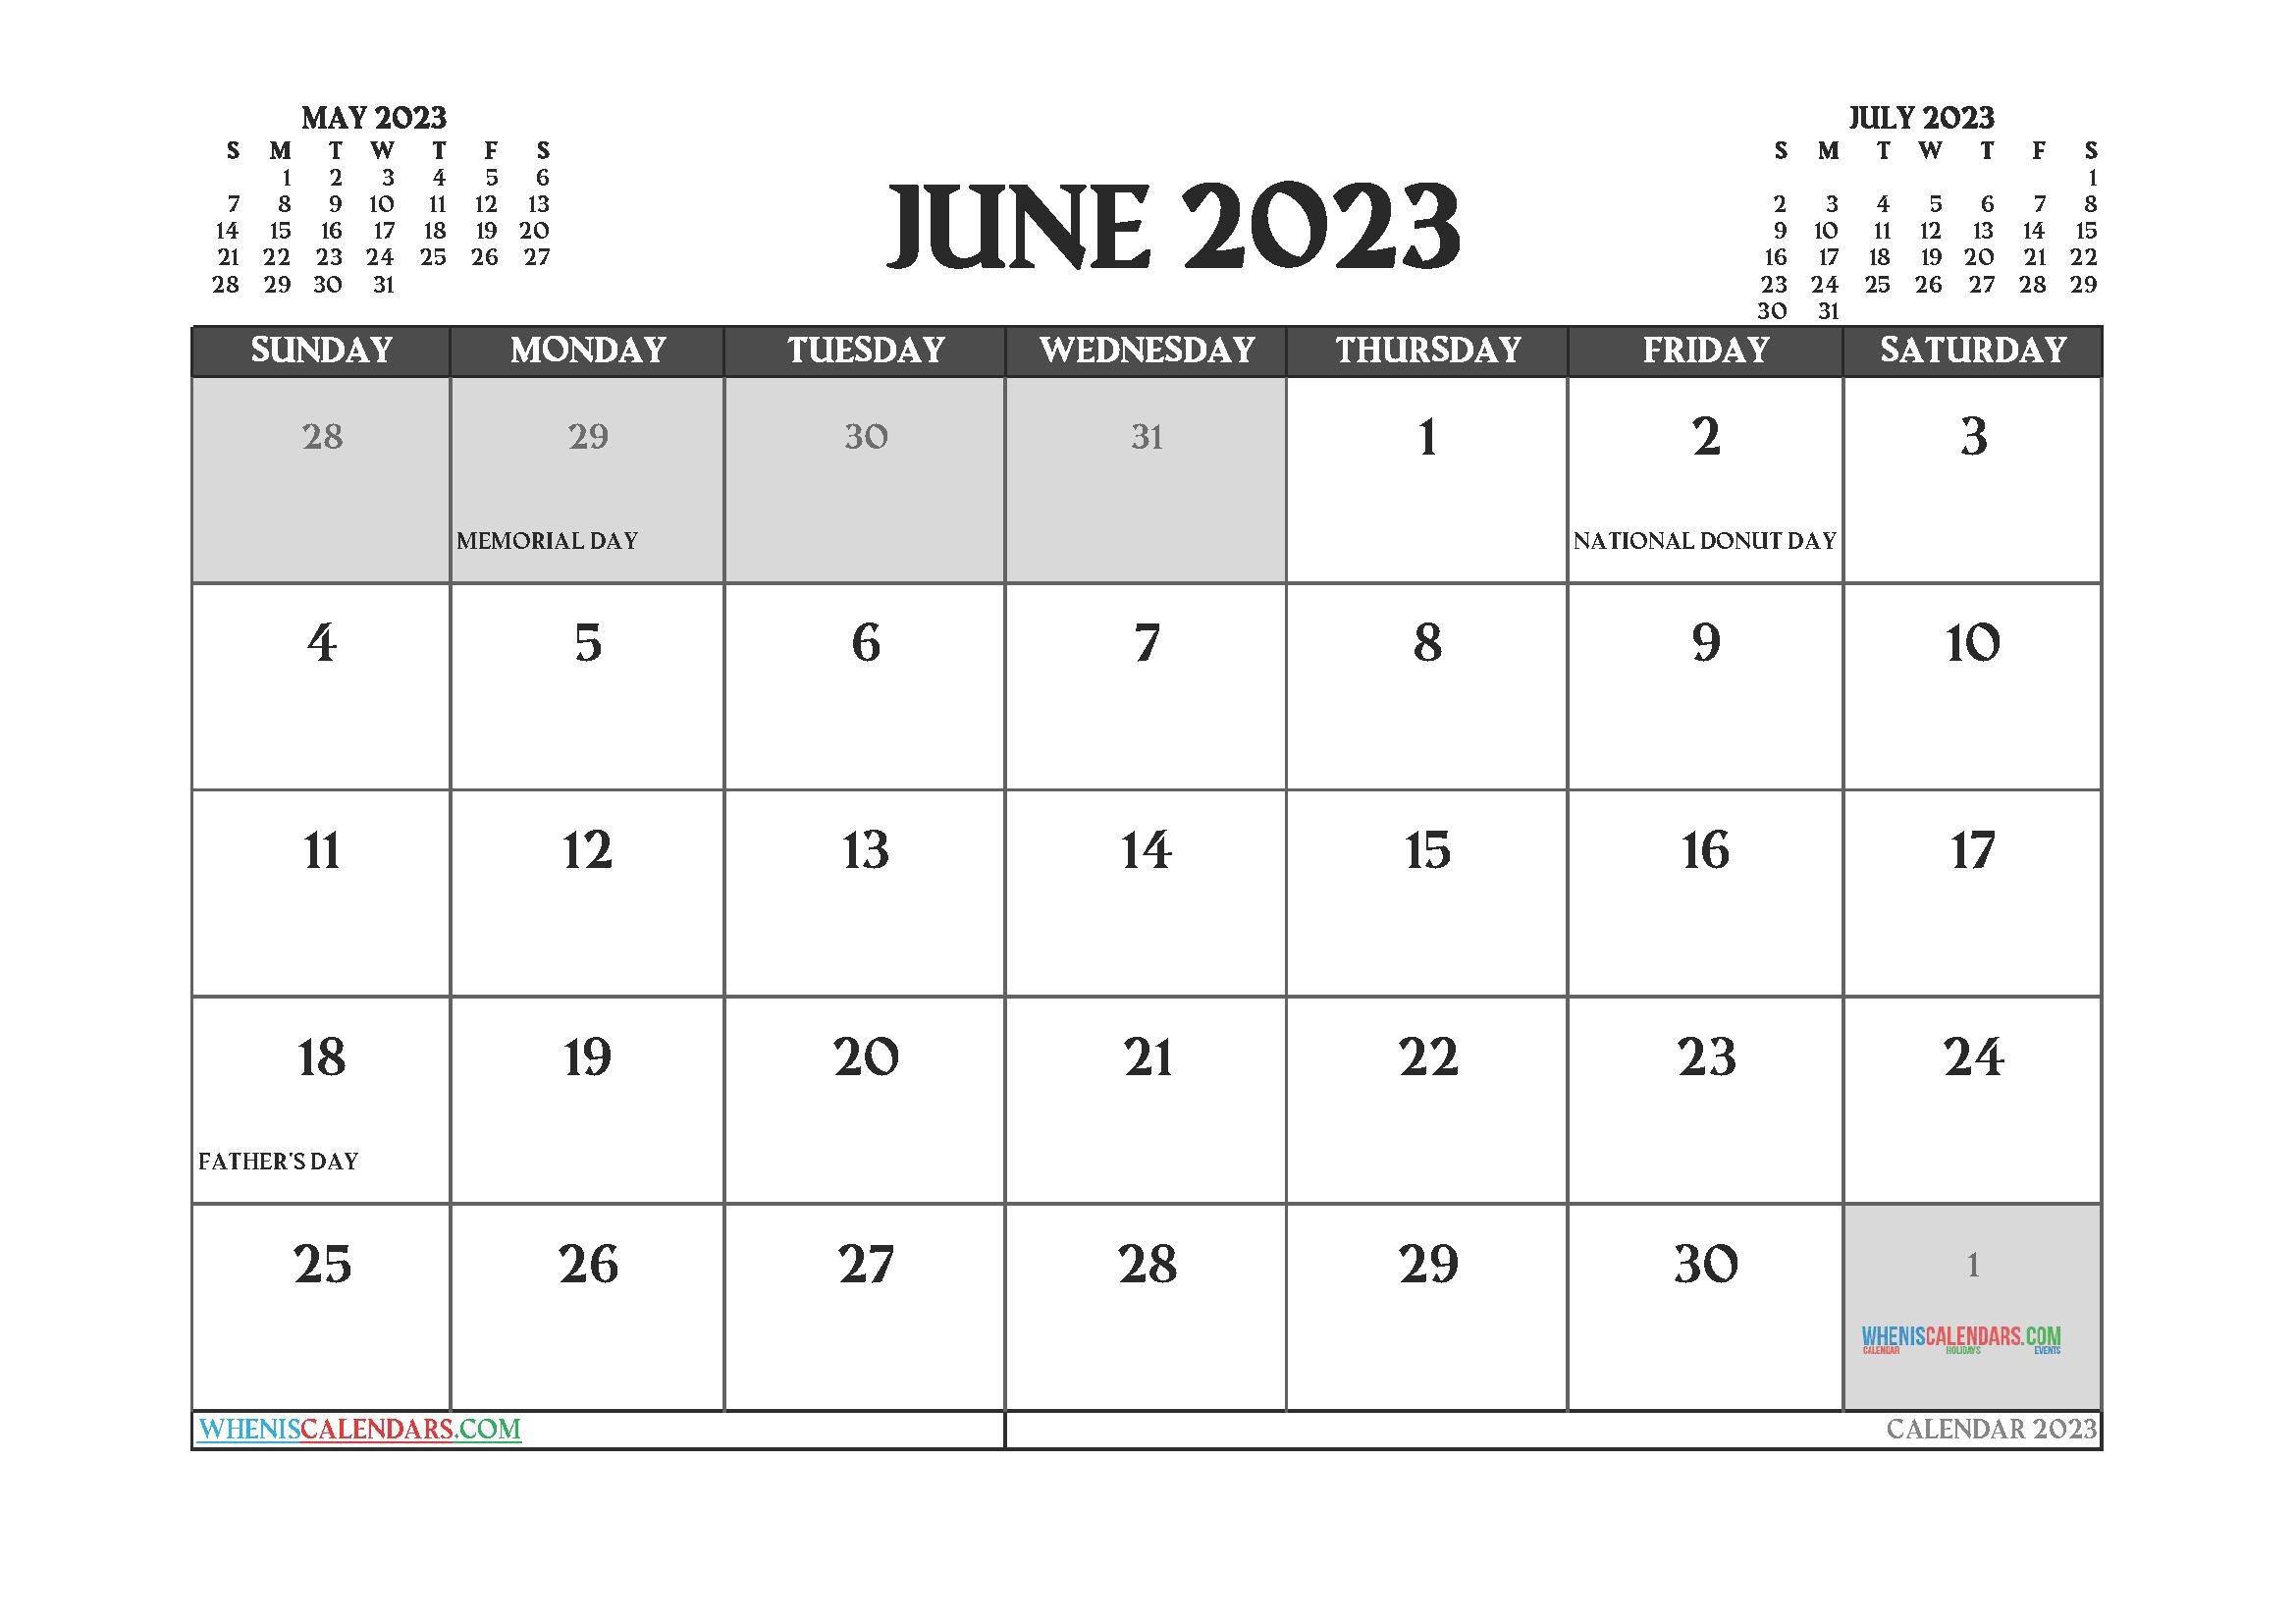 June 2023 Calendar Printable Free